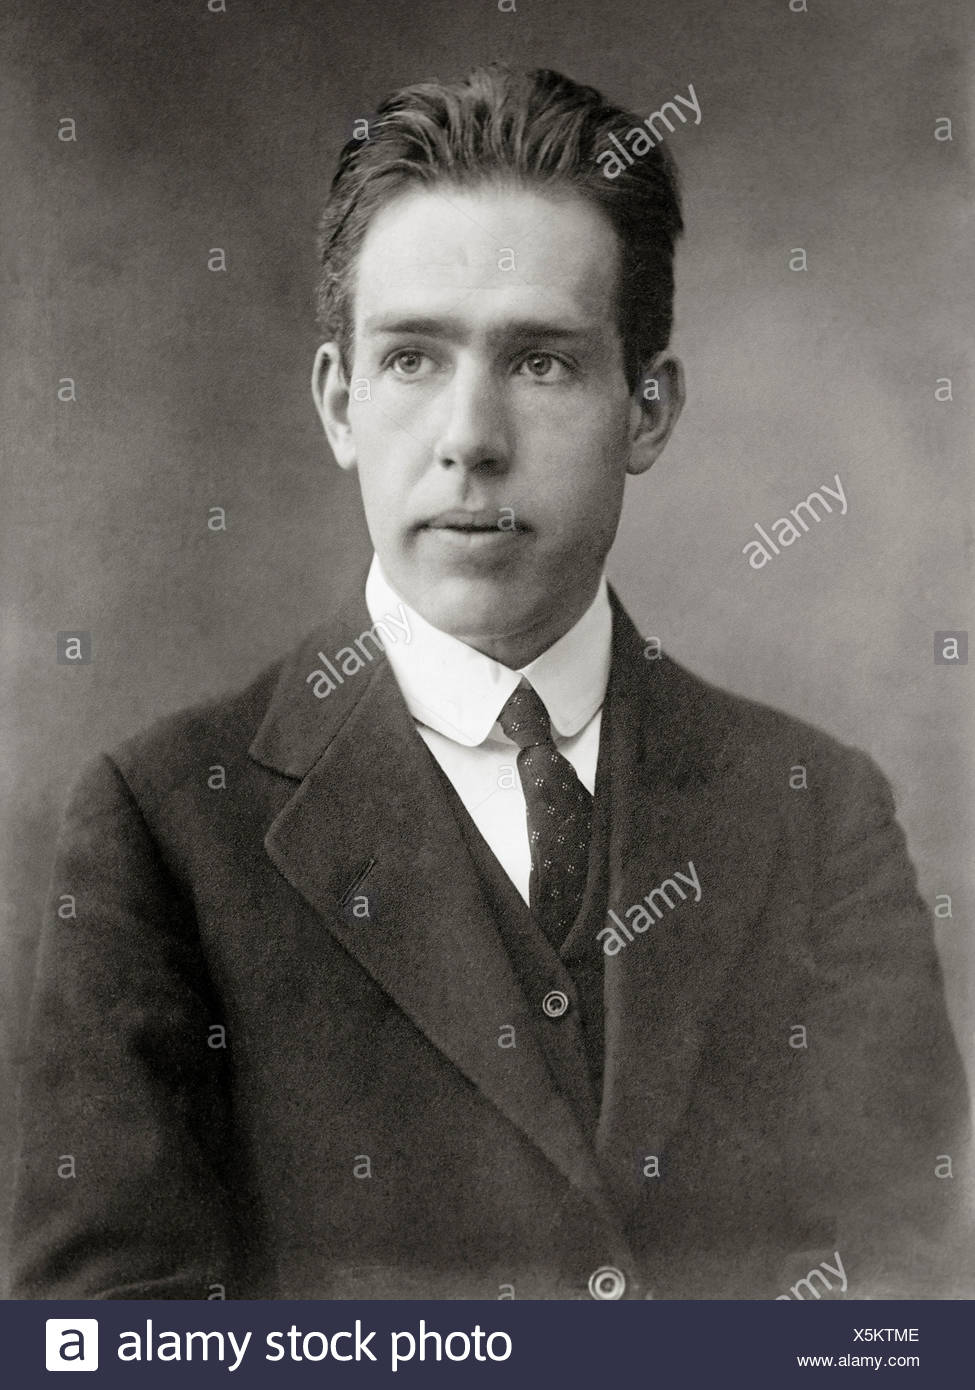 Il Fisico Niels Bohr Come Un Giovane Uomo Foto Immagine Stock